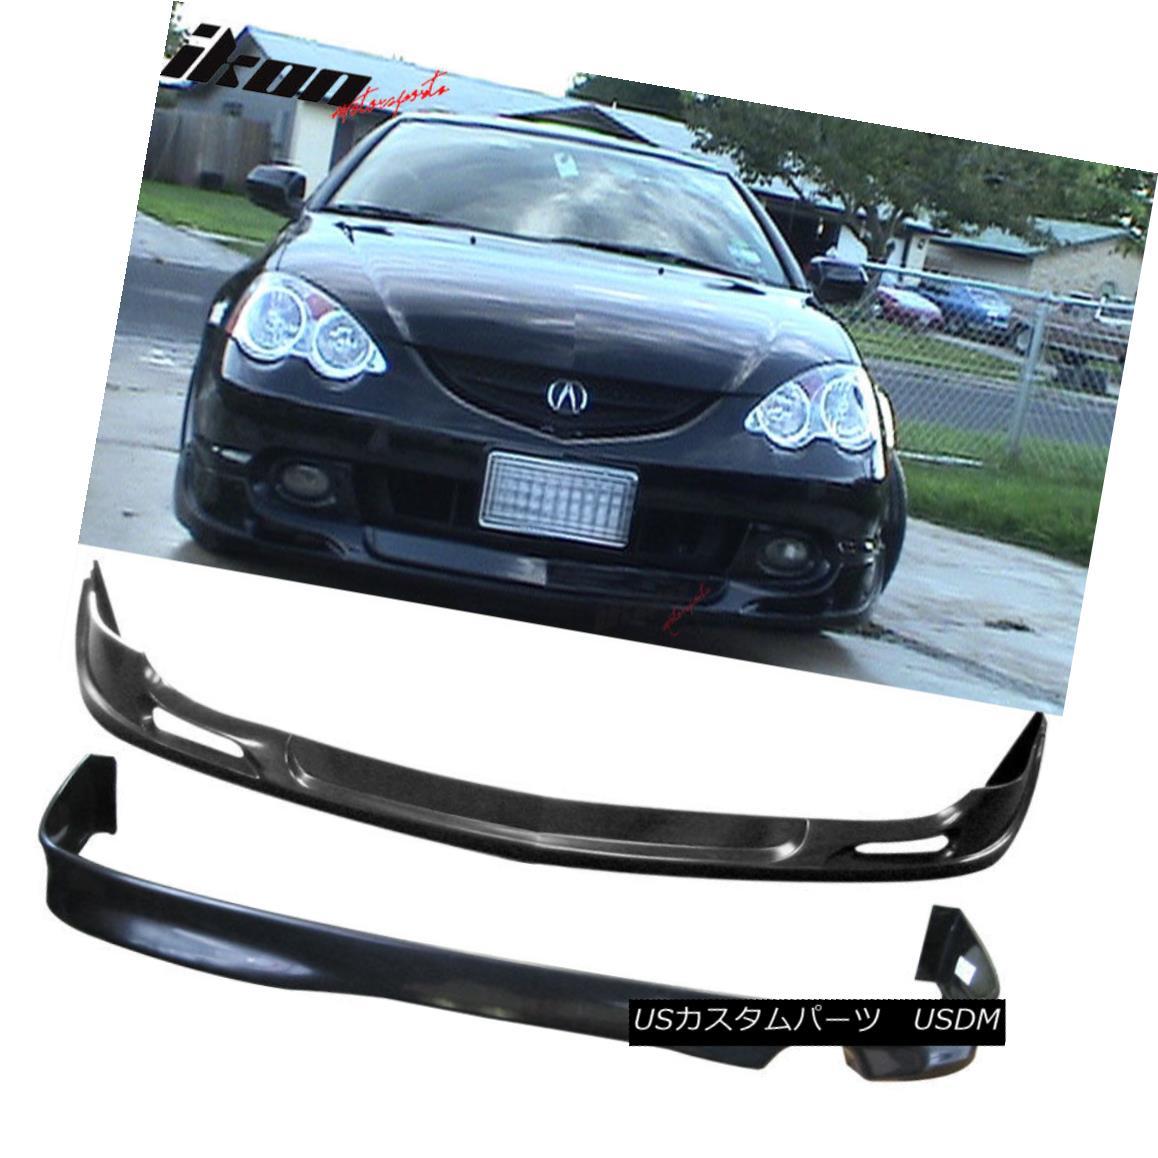 エアロパーツ Fits 02-04 Acura RSX Coupe Urethane Lip Front +Rear Bumper Lip Spoiler Bodykit フィット02-04アキュラRSXクーペウレタンリップフロント+リアバンパーリップスポイラーボディキット